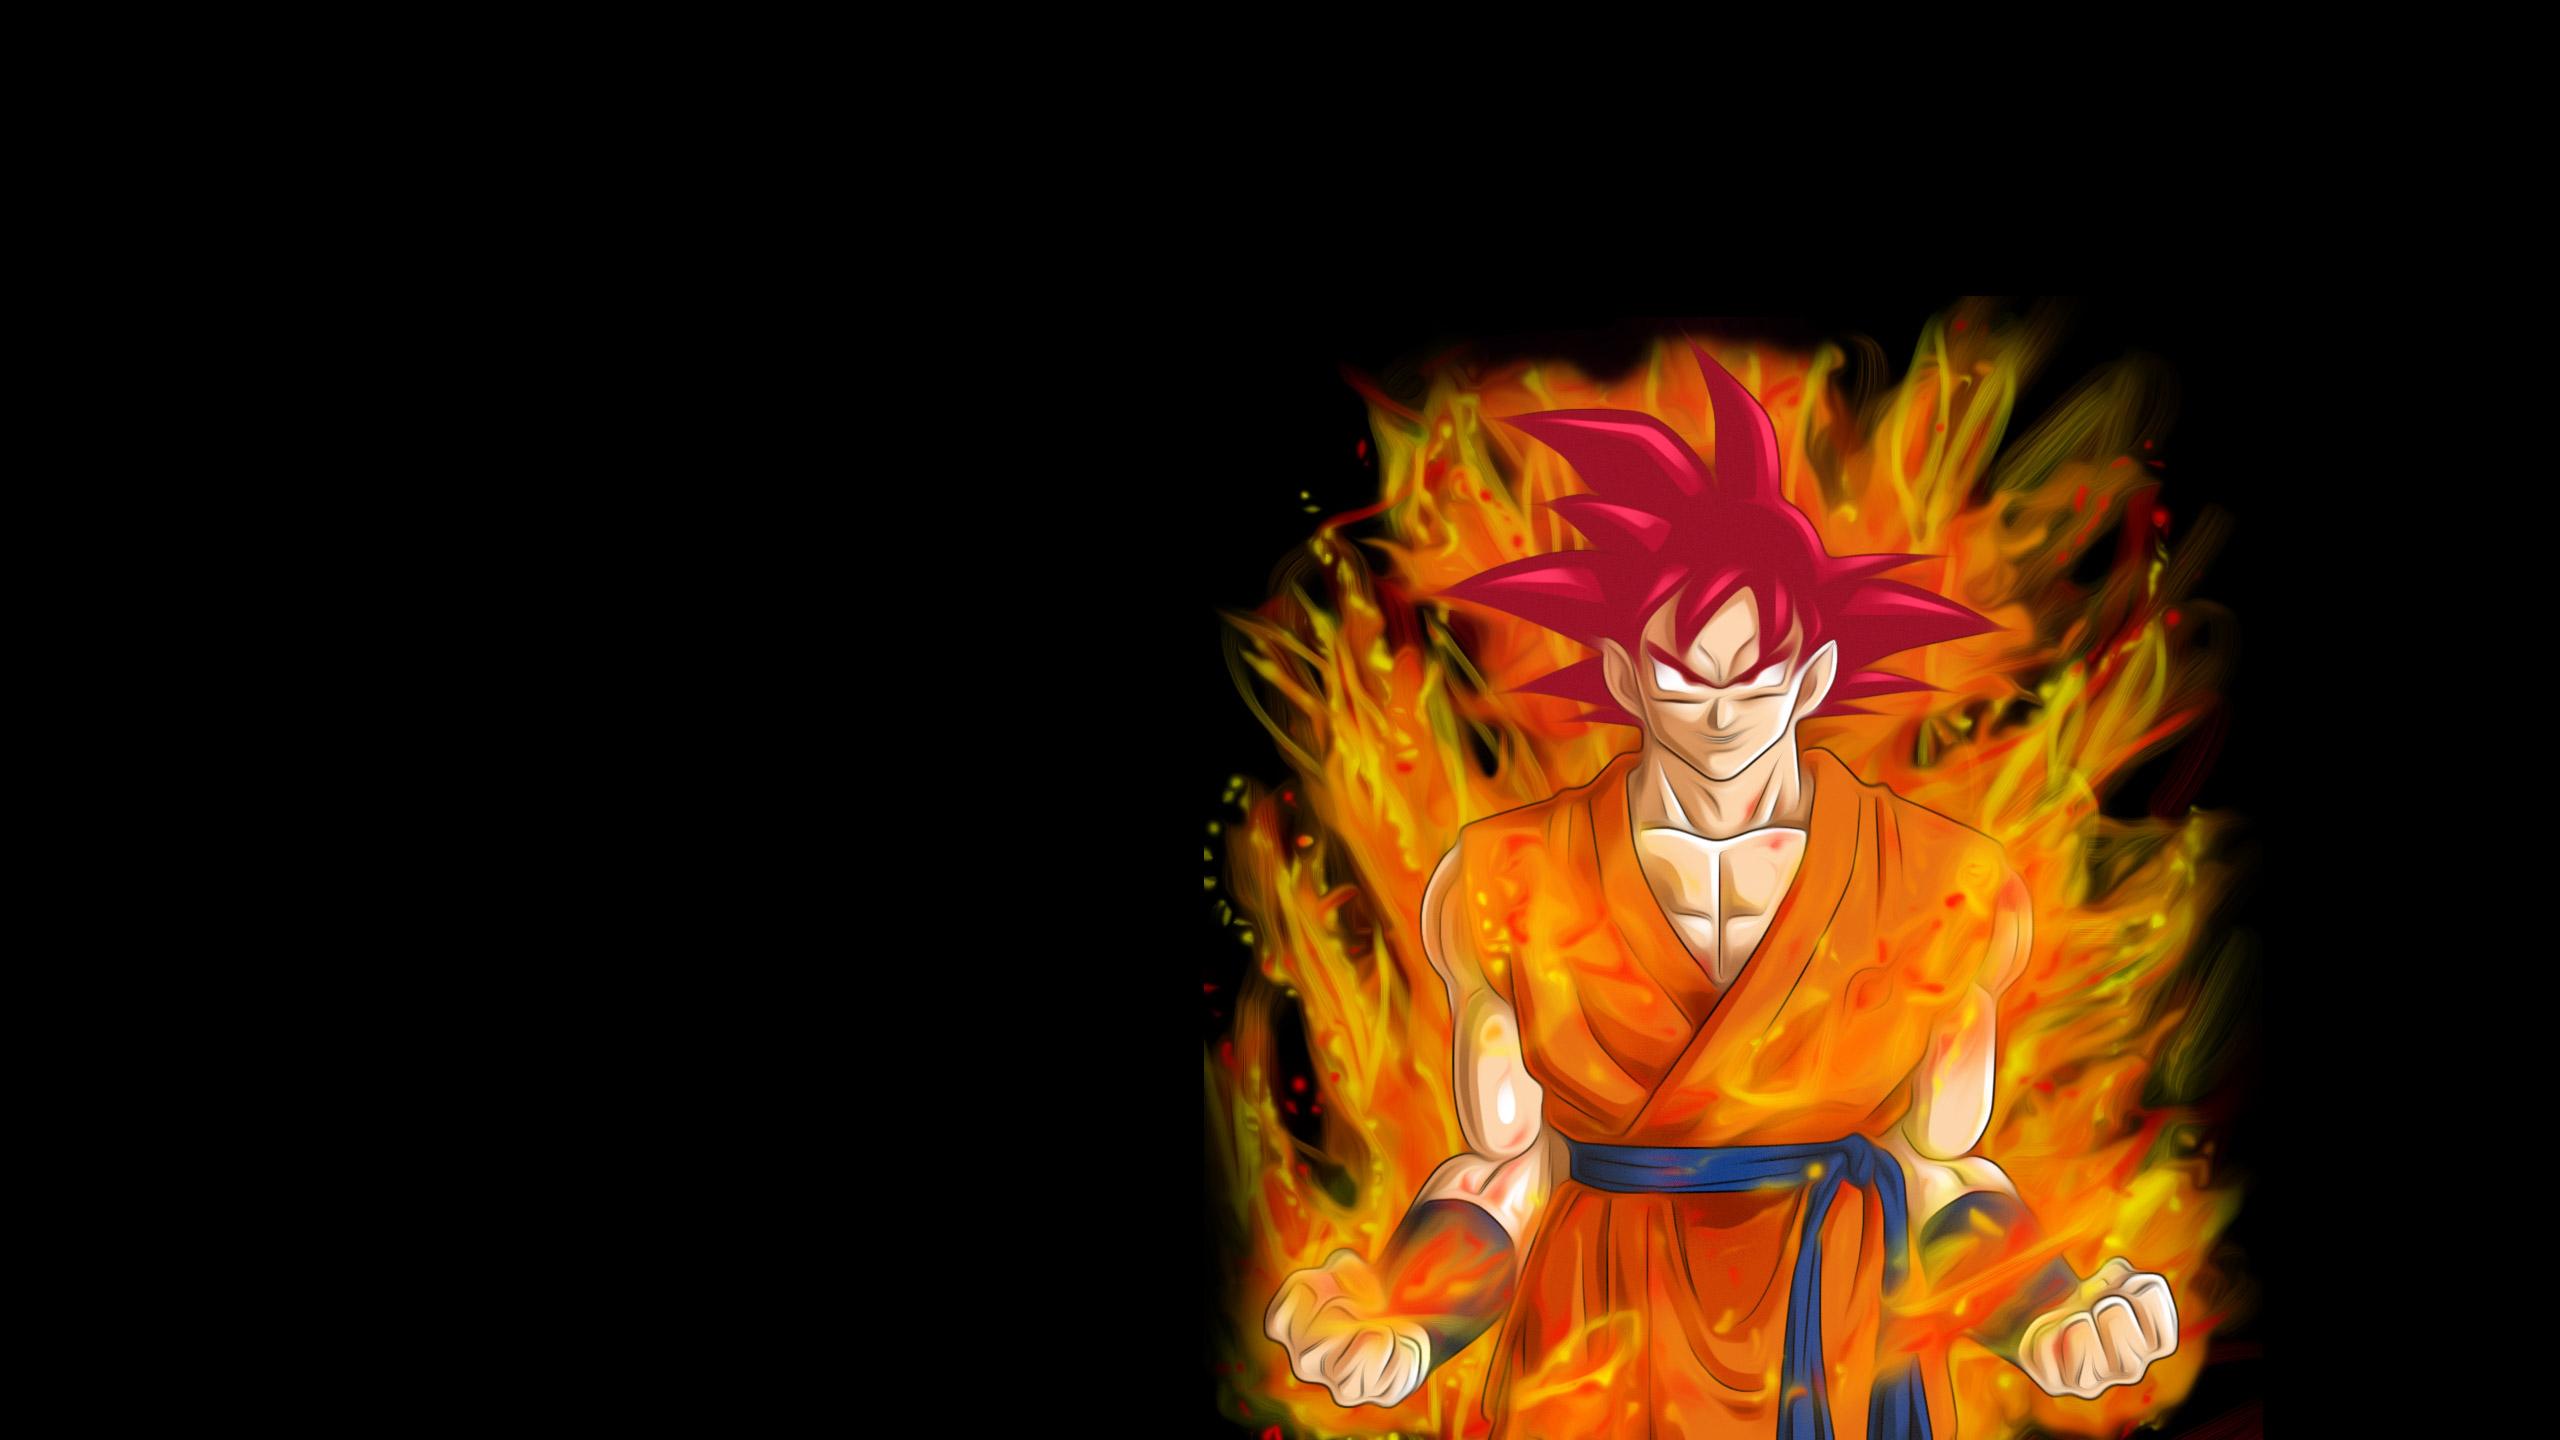 Dragon ball super goku hd anime 4k wallpapers images - Goku wallpaper 4k ...